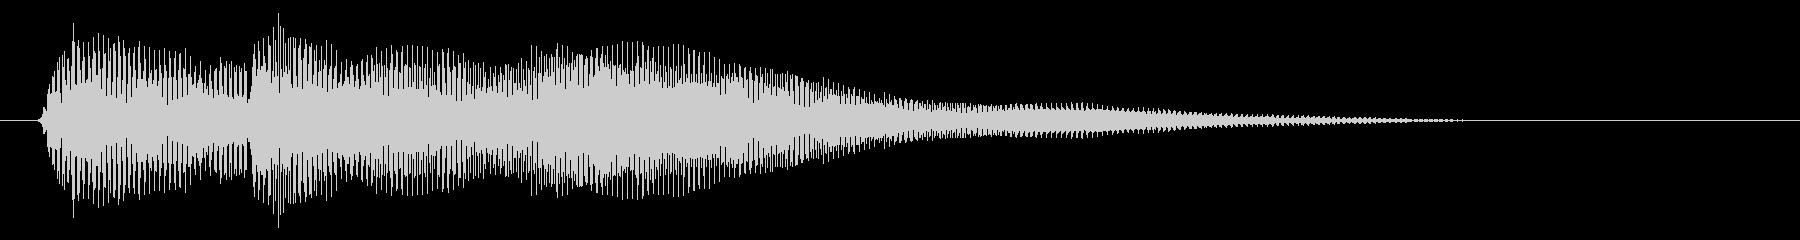 ピコン!(クリック)の未再生の波形